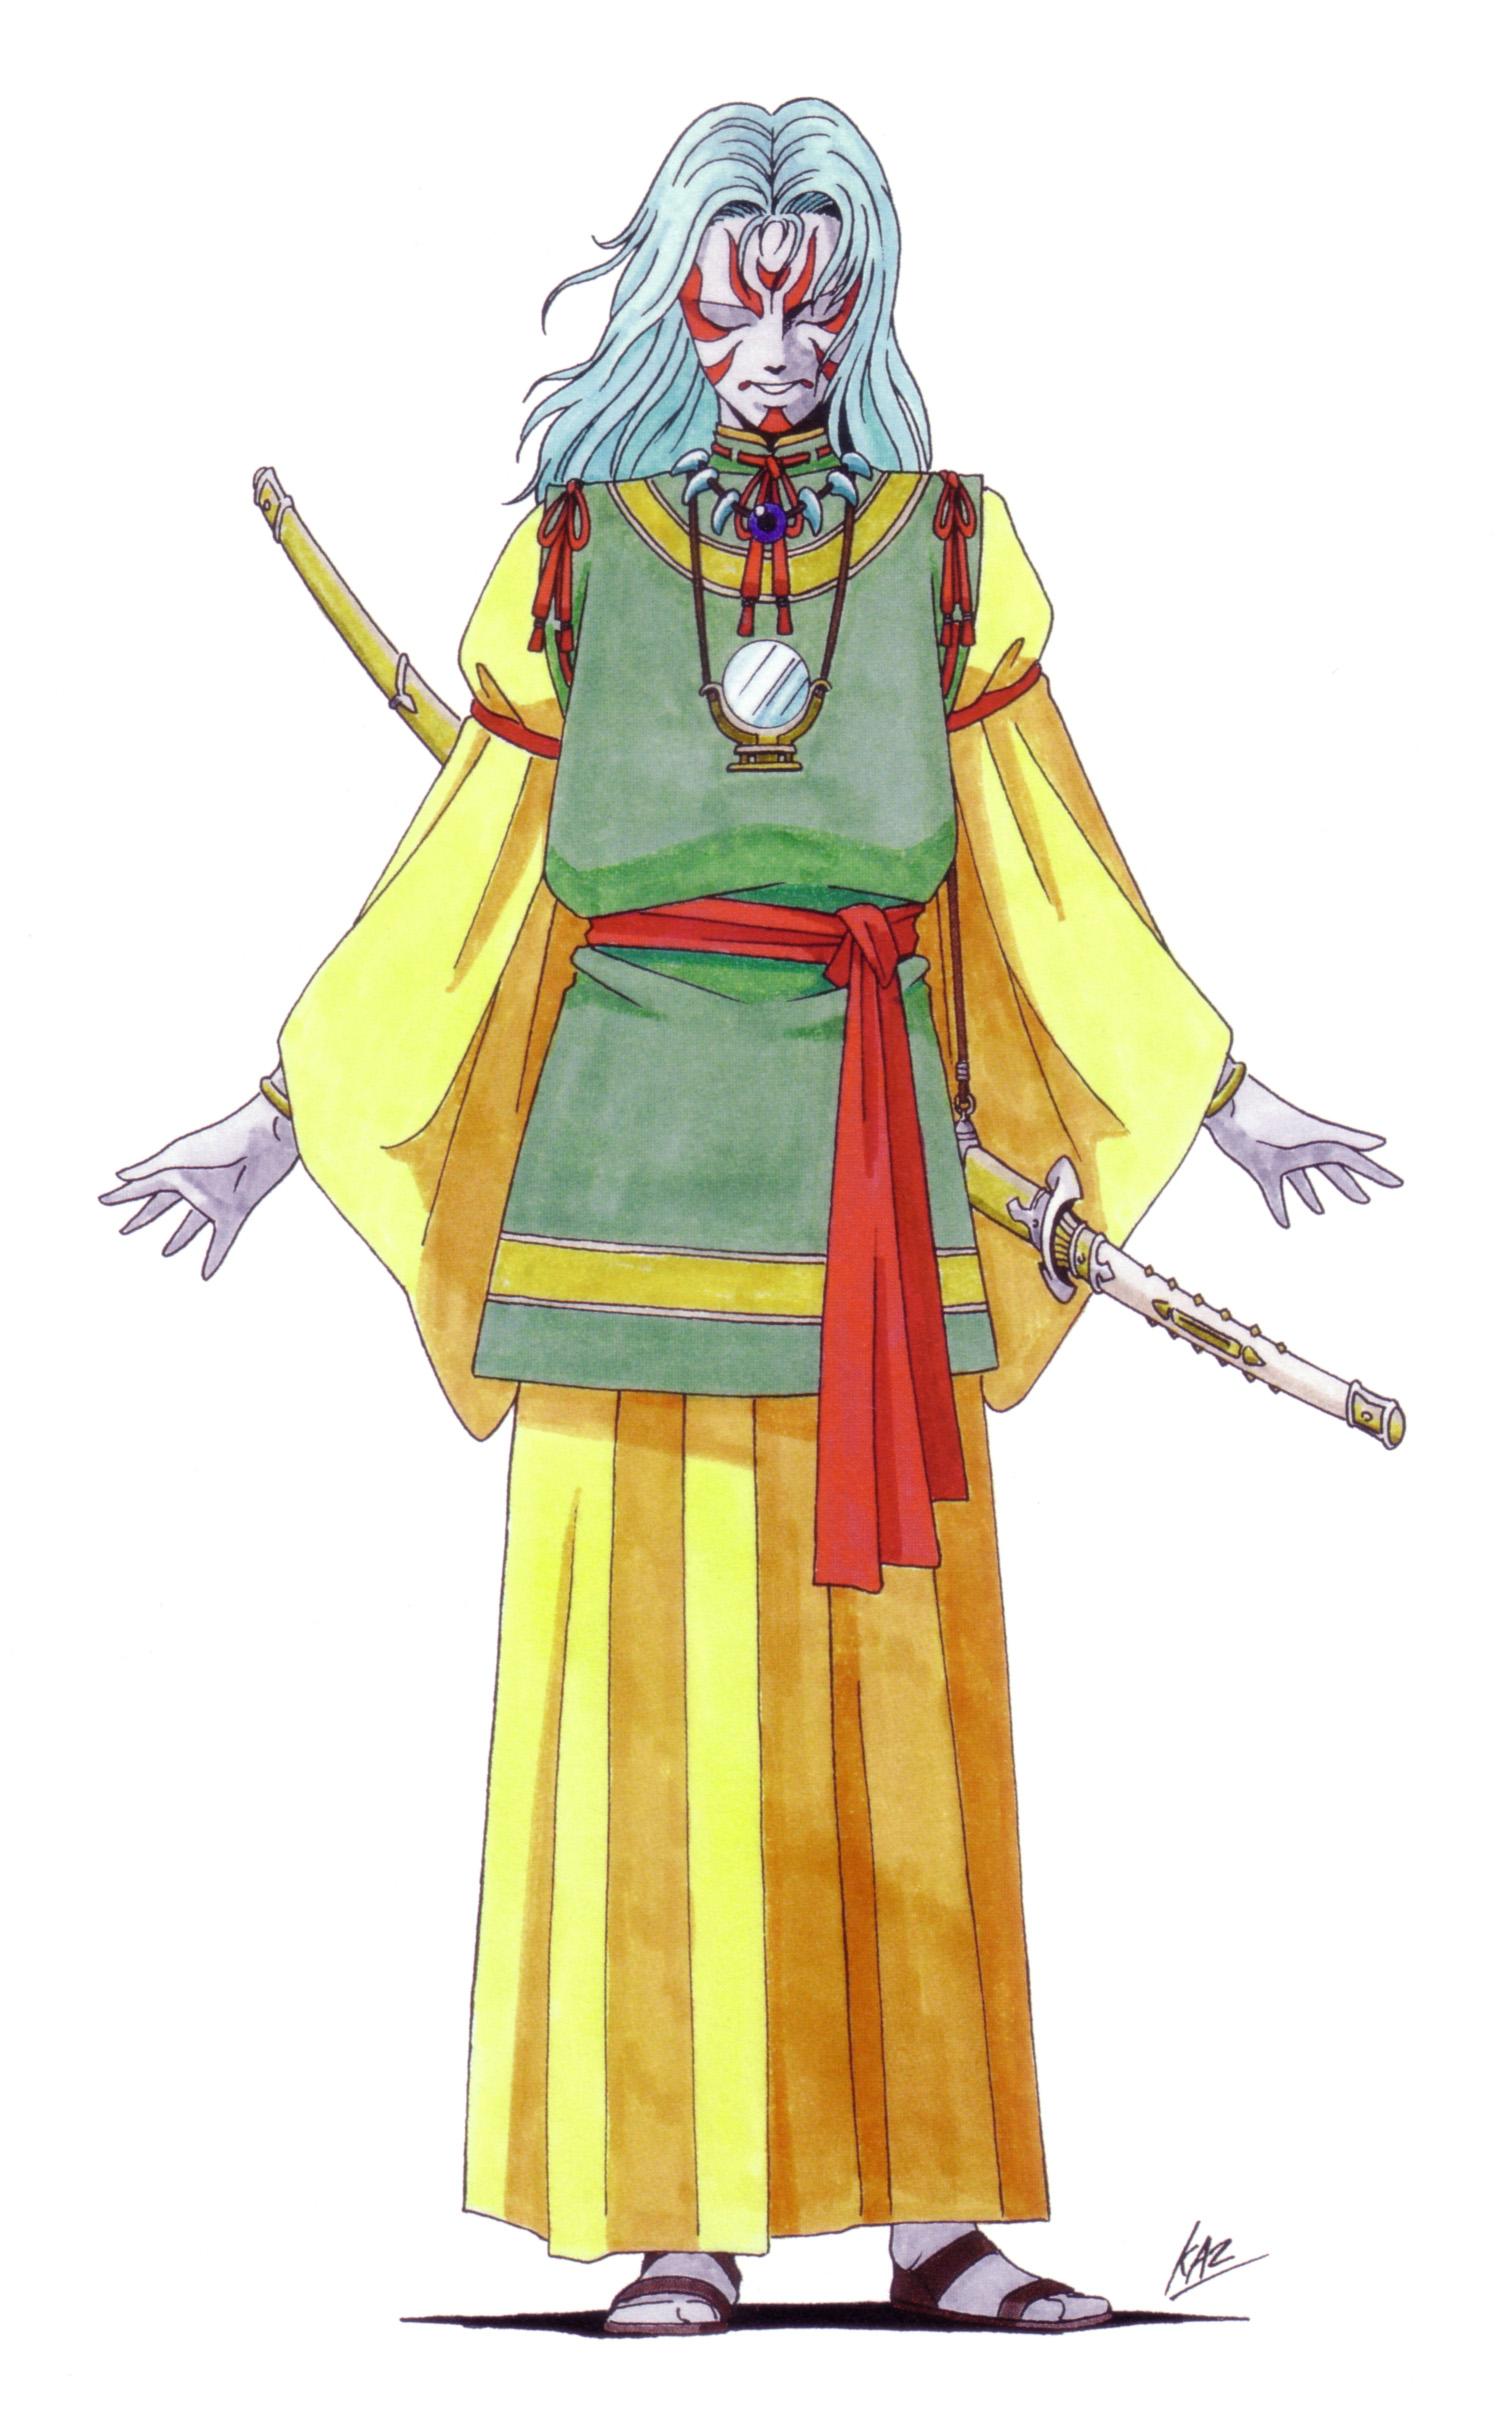 Shin Megami Tensei Persona 4 Codebreaker Codes New The Best Code